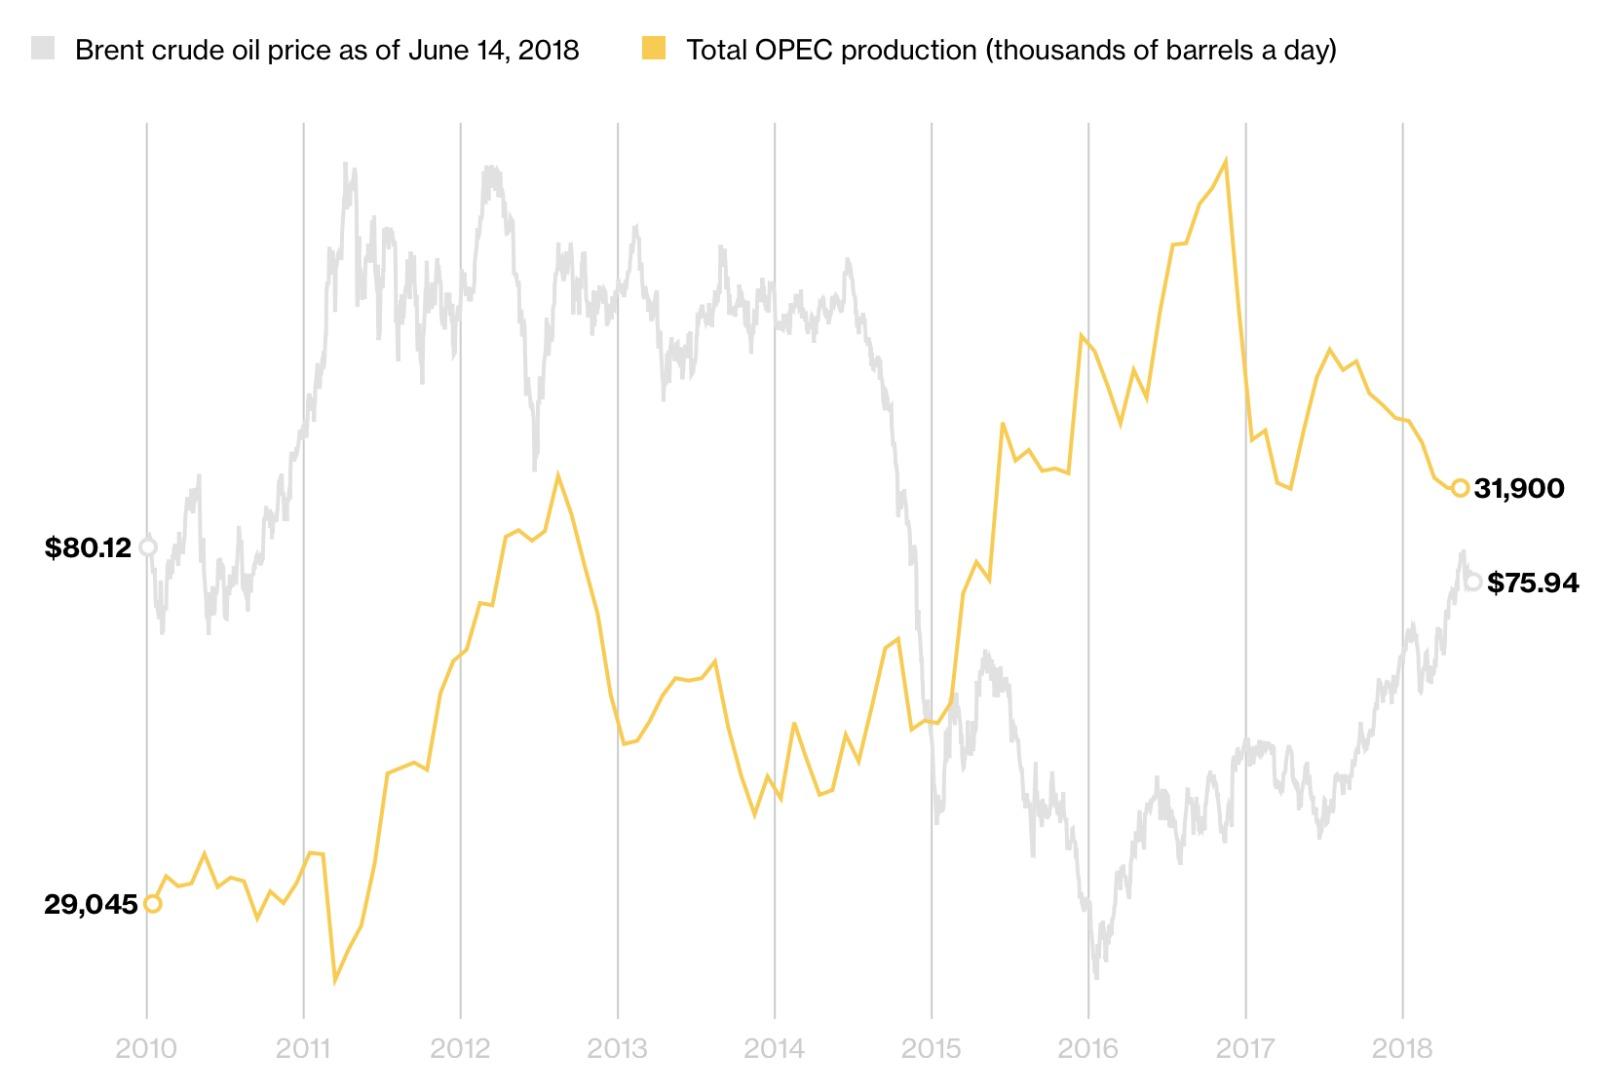 تحلیل تحولات بازار نفت پیش از نشست سرنوشت ساز اوپک